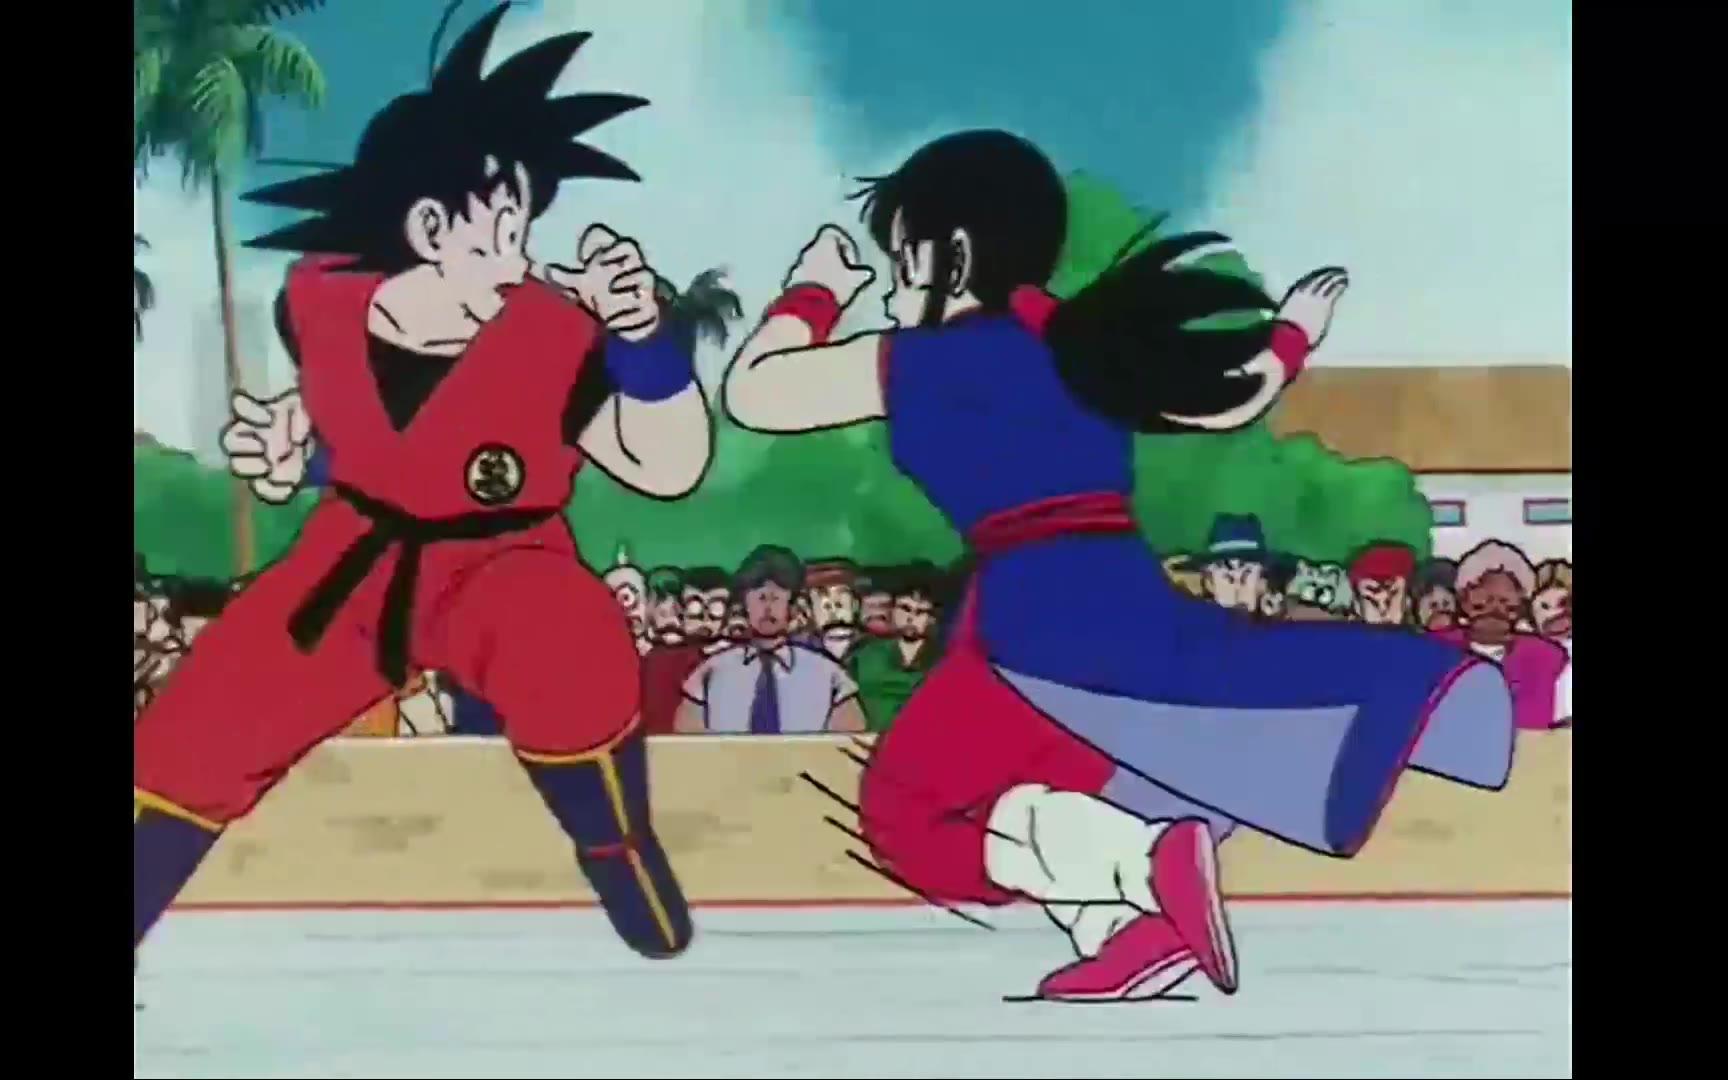 《七龙珠》片段:悟空和琪琪在武道会相遇比赛并结婚,在众人面前撒狗粮引起秃林不满